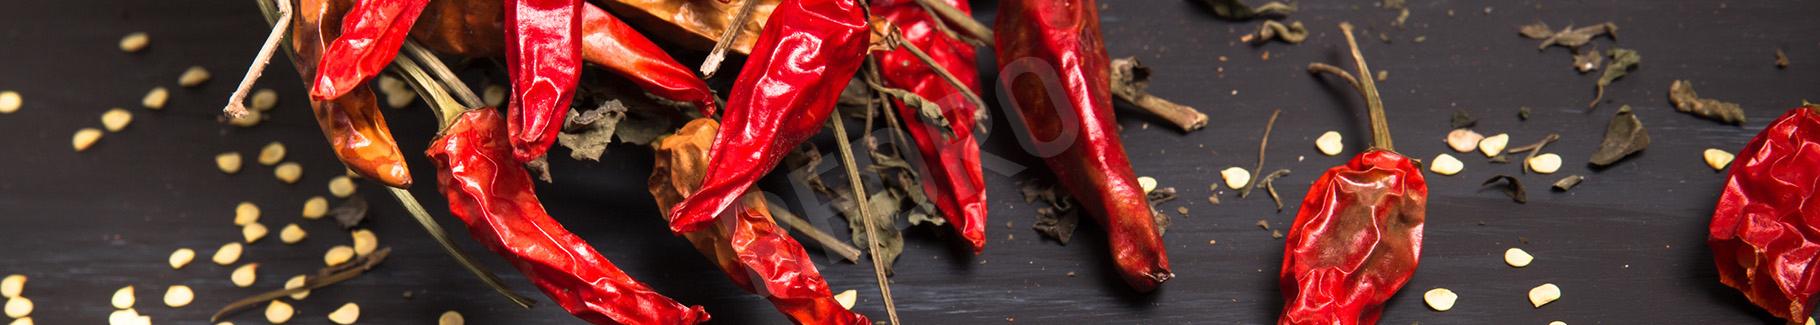 Fototapeta suszone chili